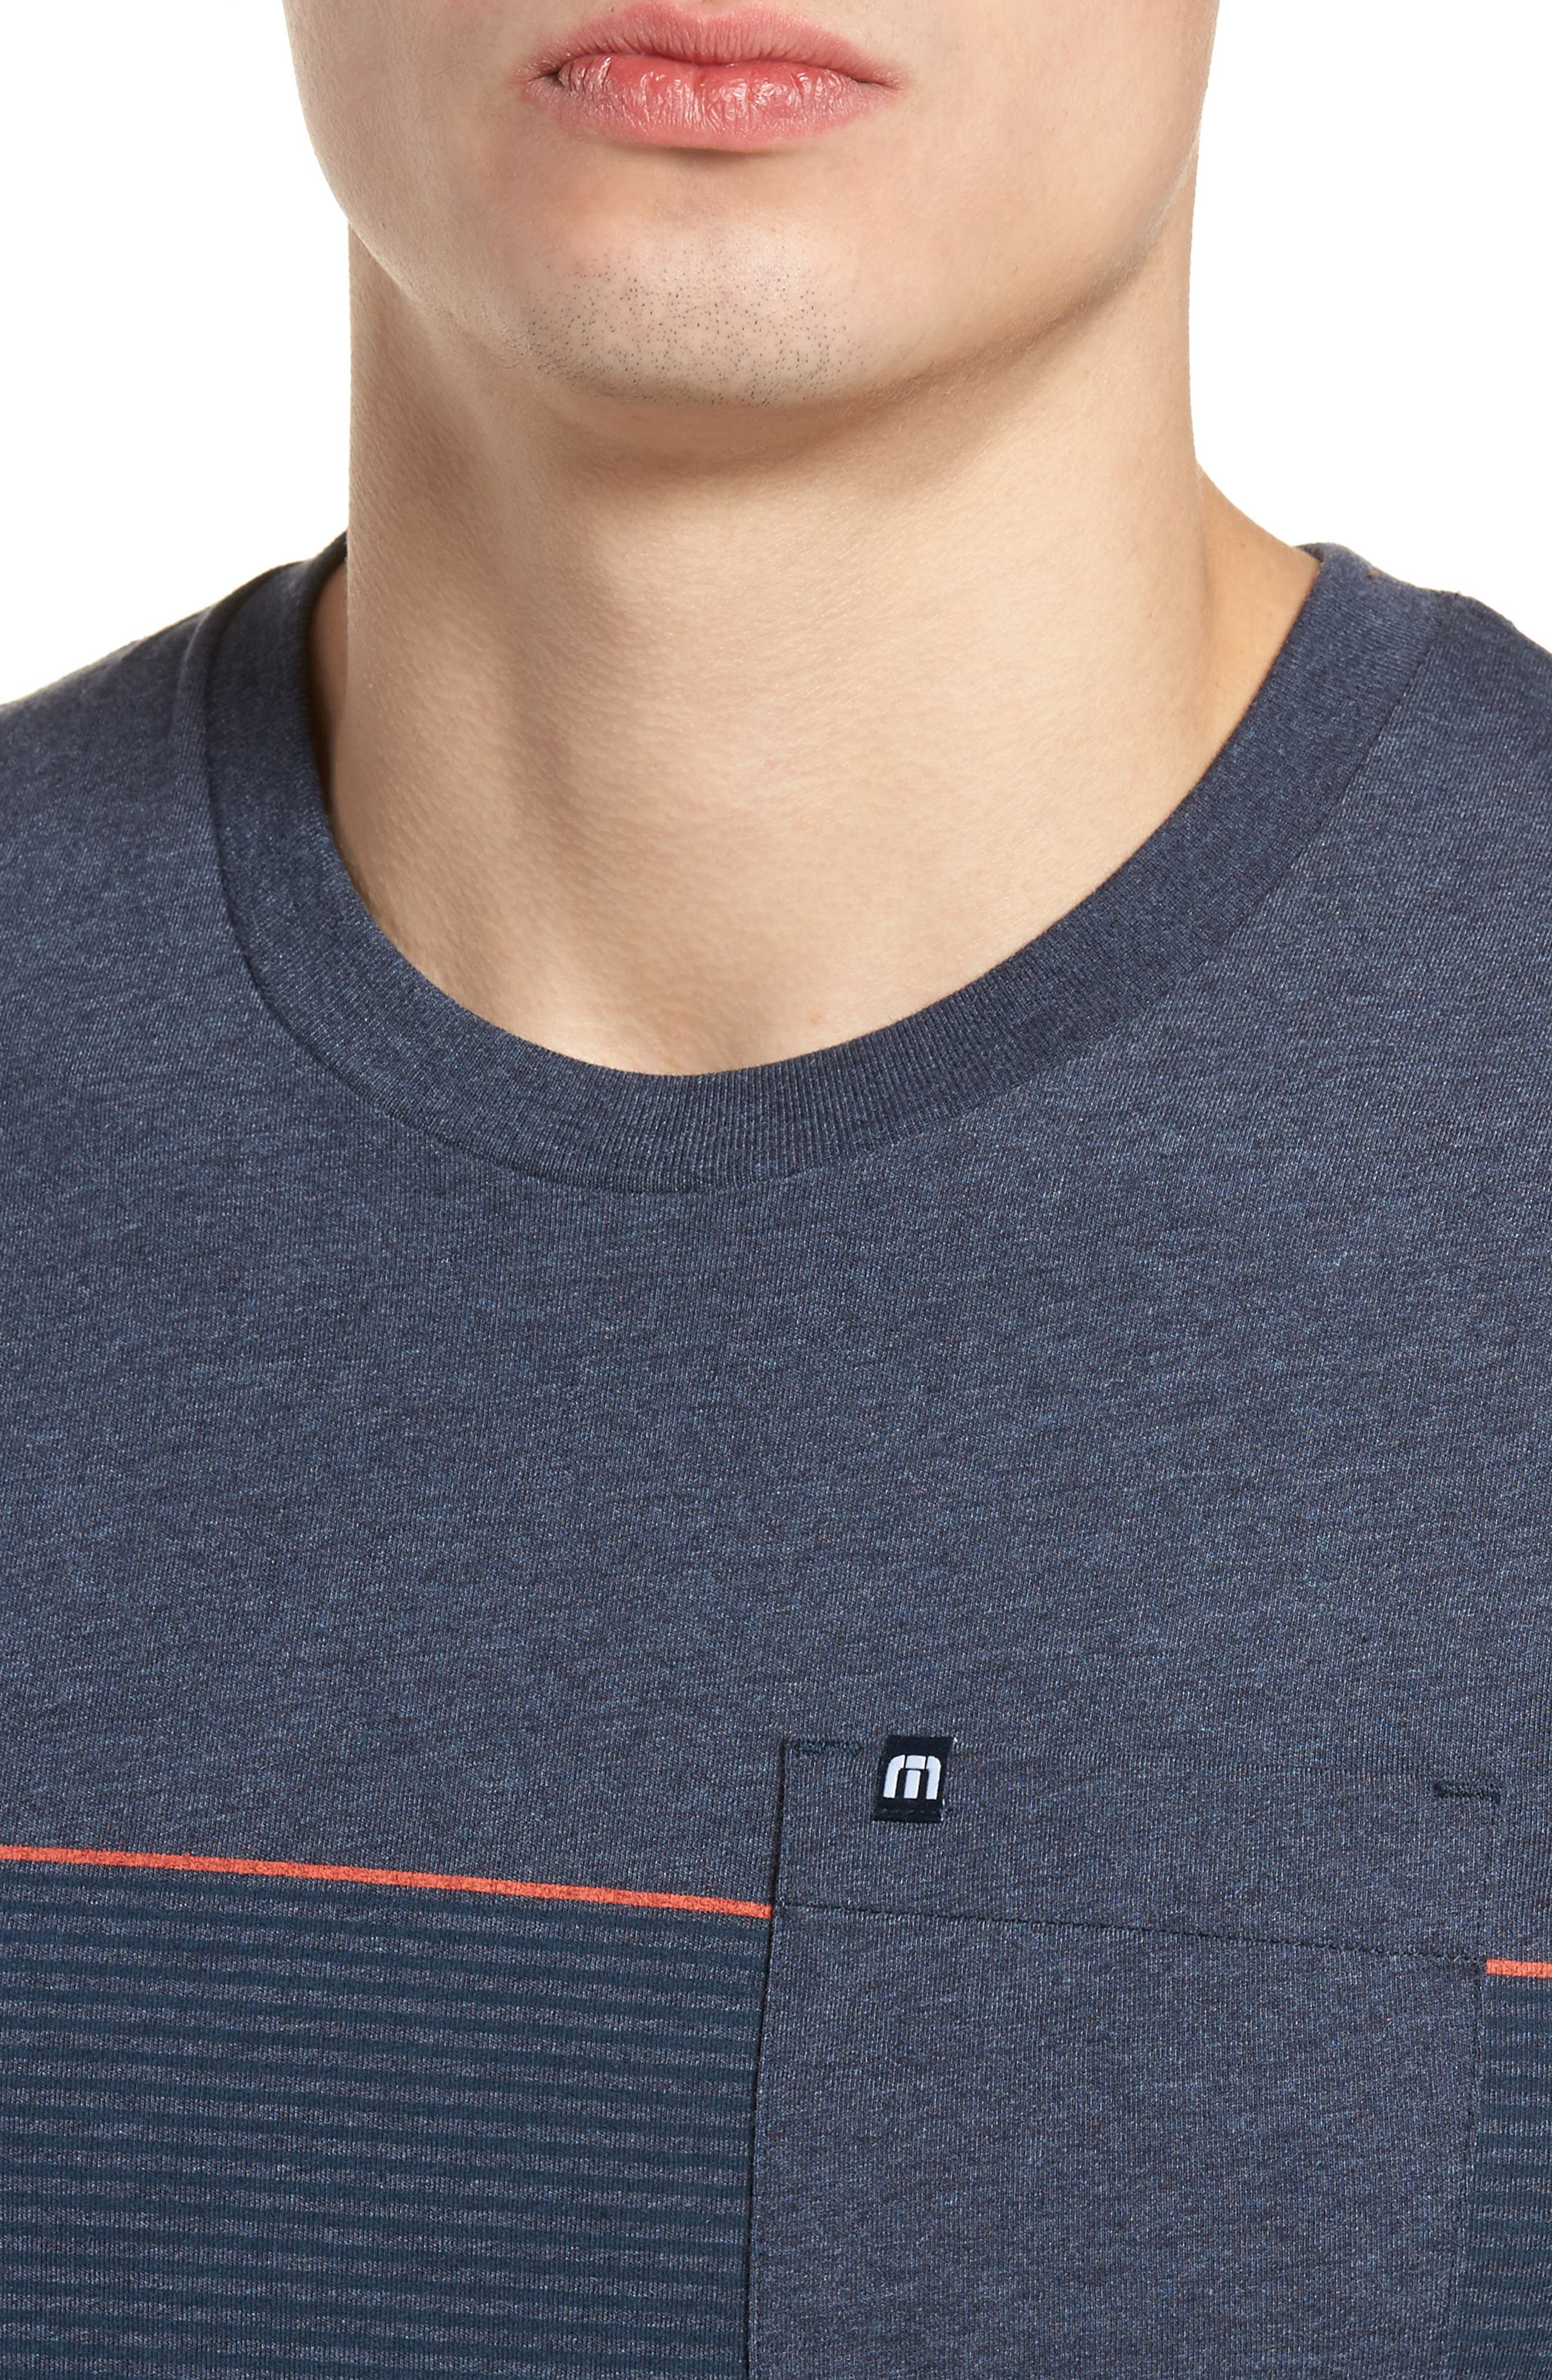 Jeramie Stripe Pocket T-Shirt,                             Alternate thumbnail 4, color,                             401